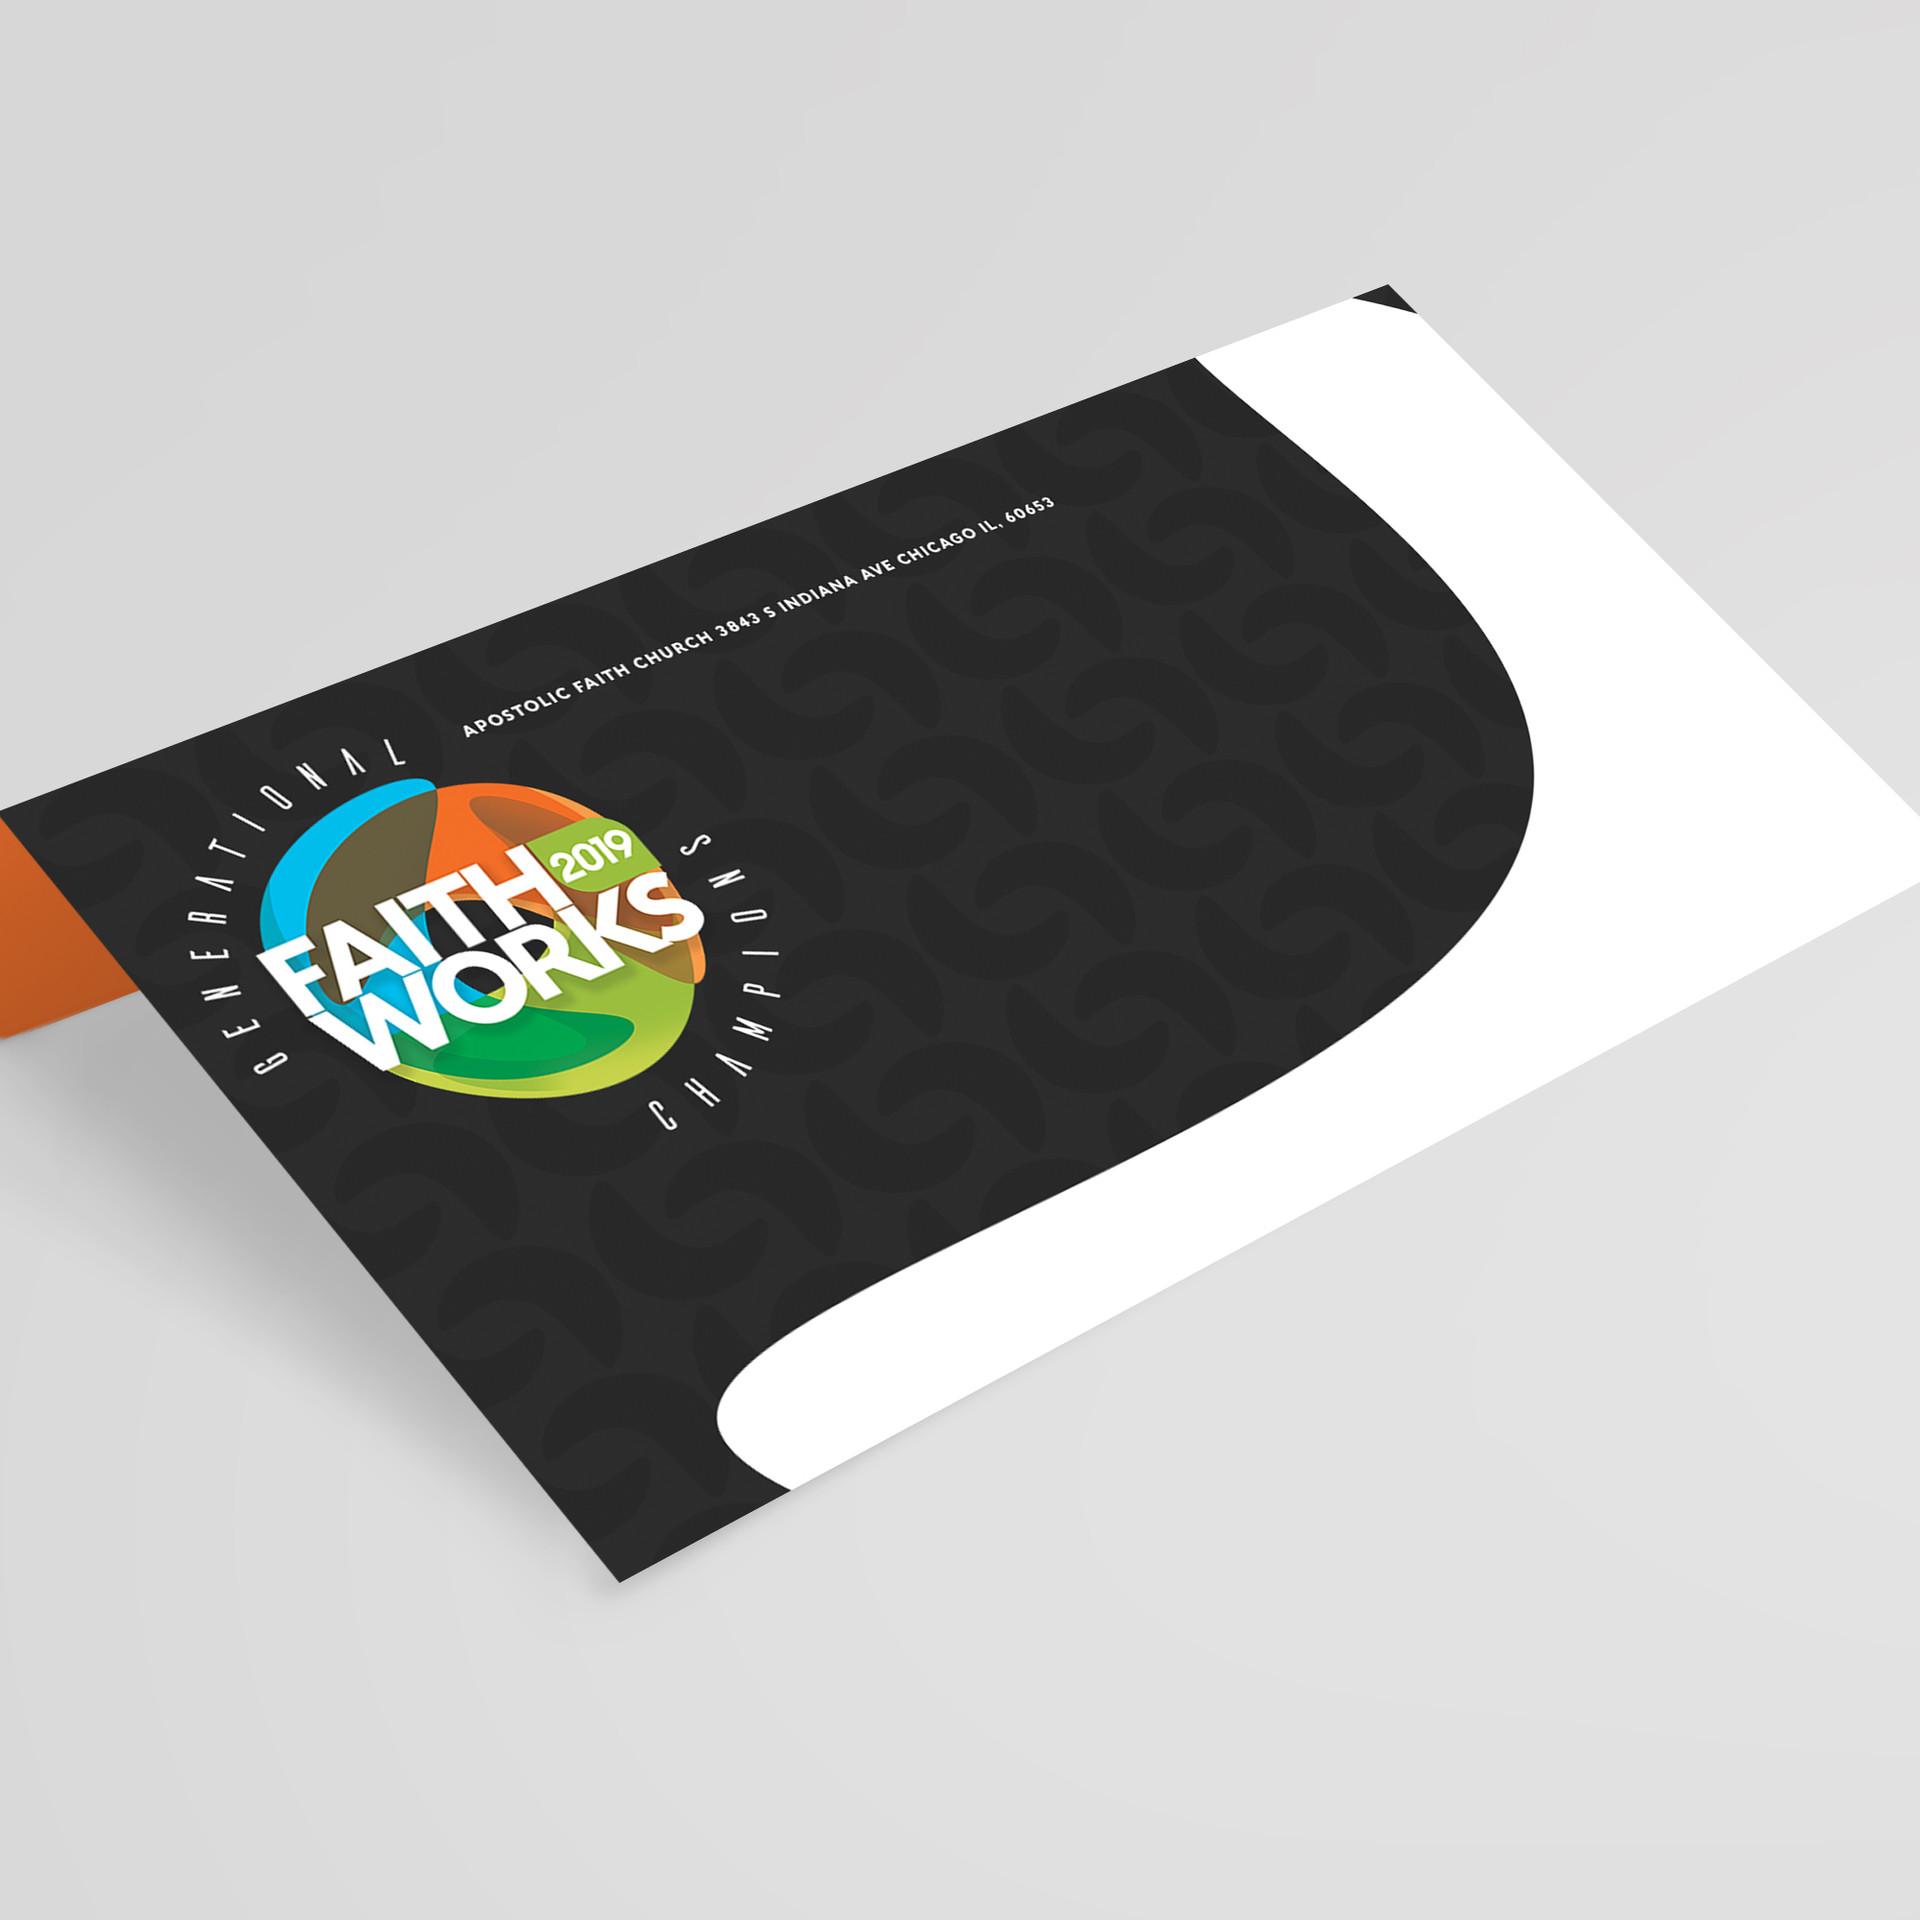 FW2019 Envelope Design